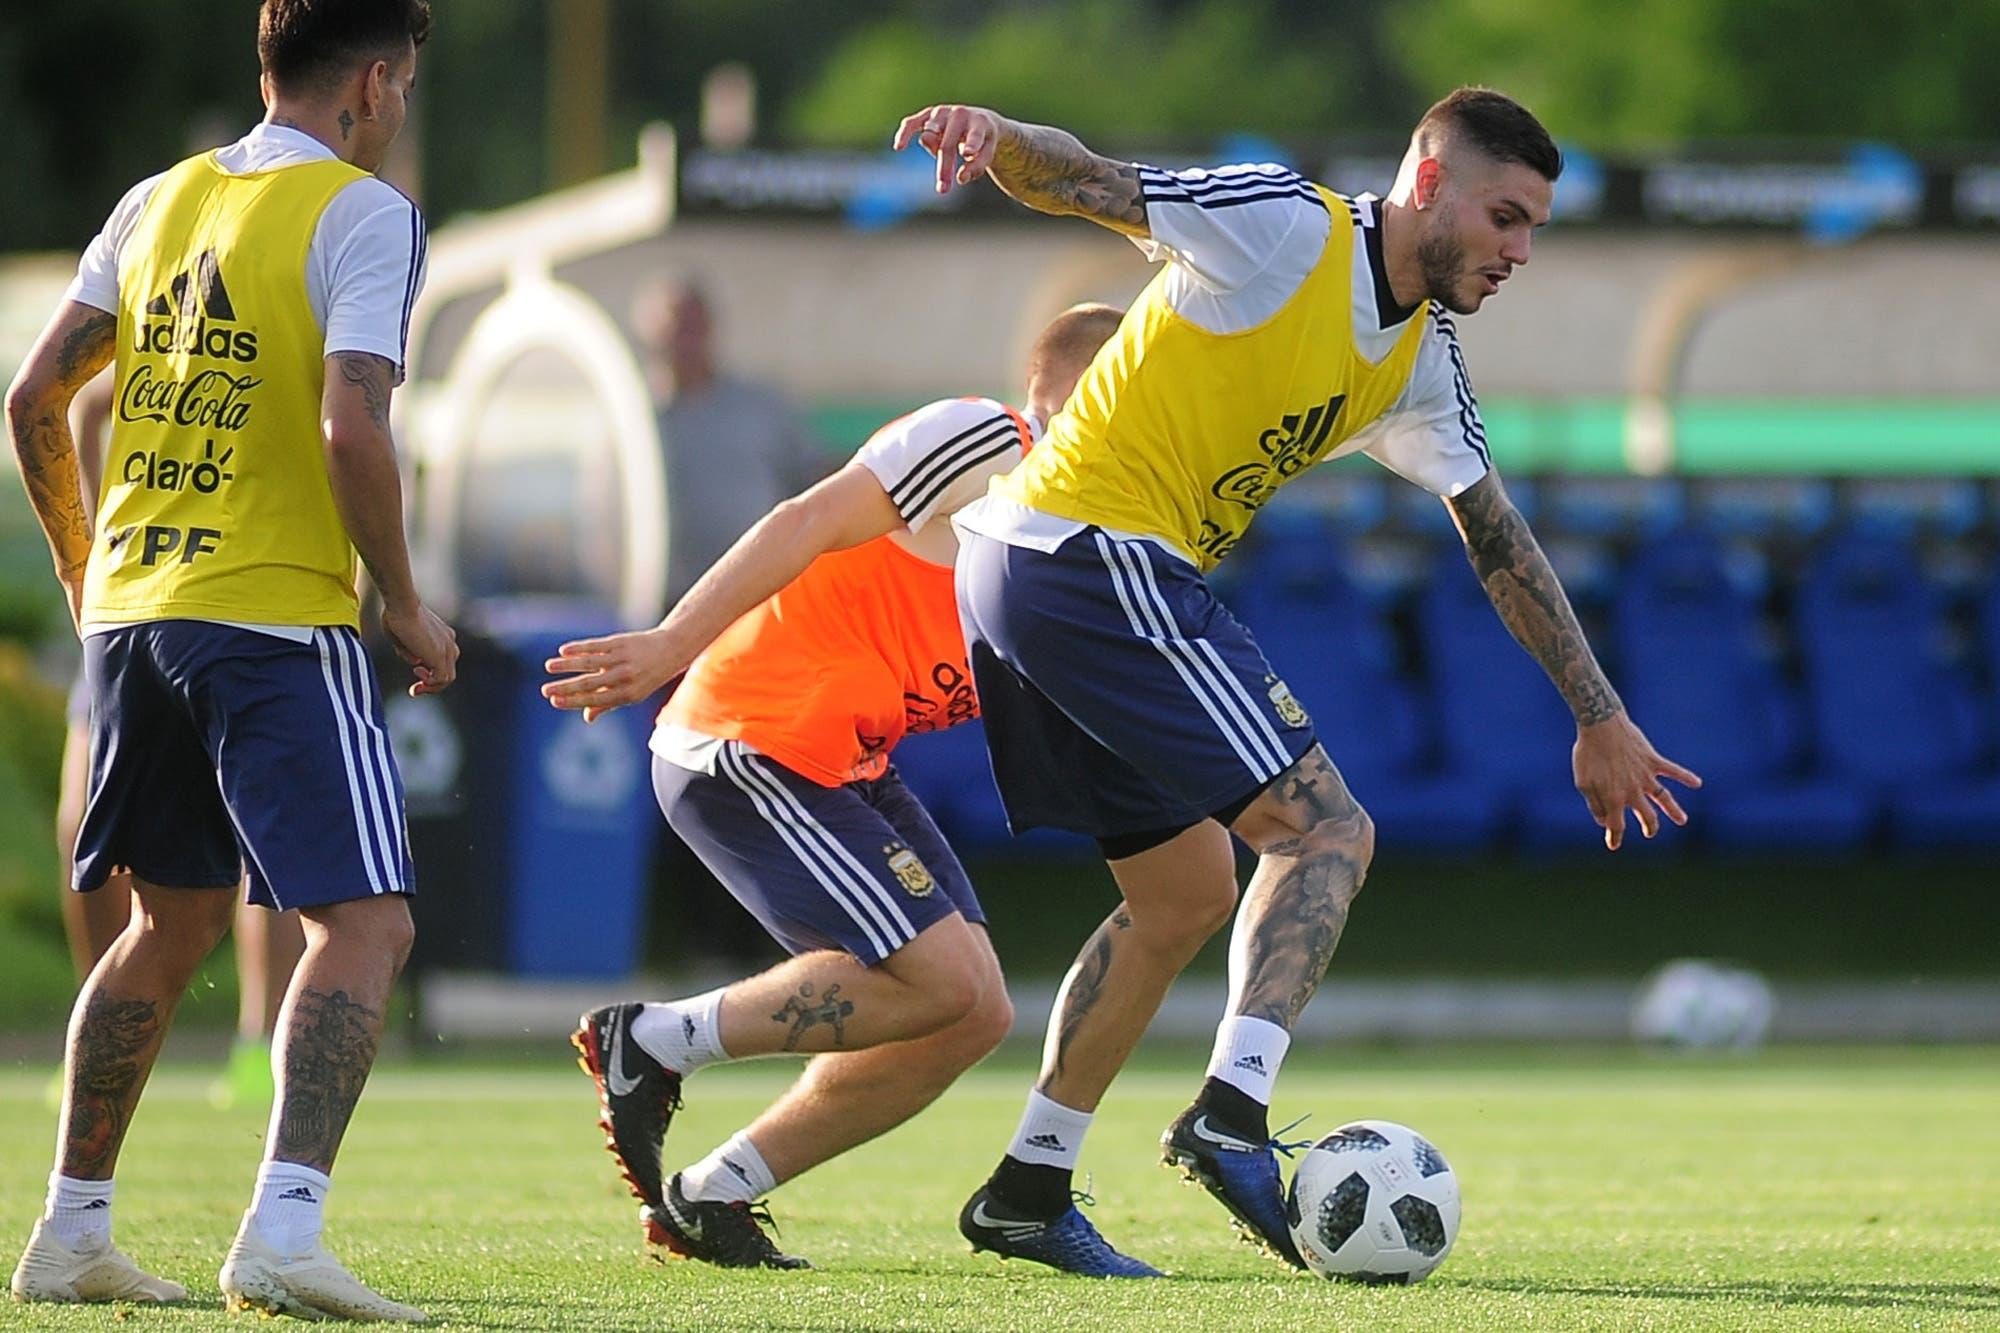 """La obsesión de Mauro Icardi en la selección argentina: """"Ojalá que ahora llegue el gol"""""""